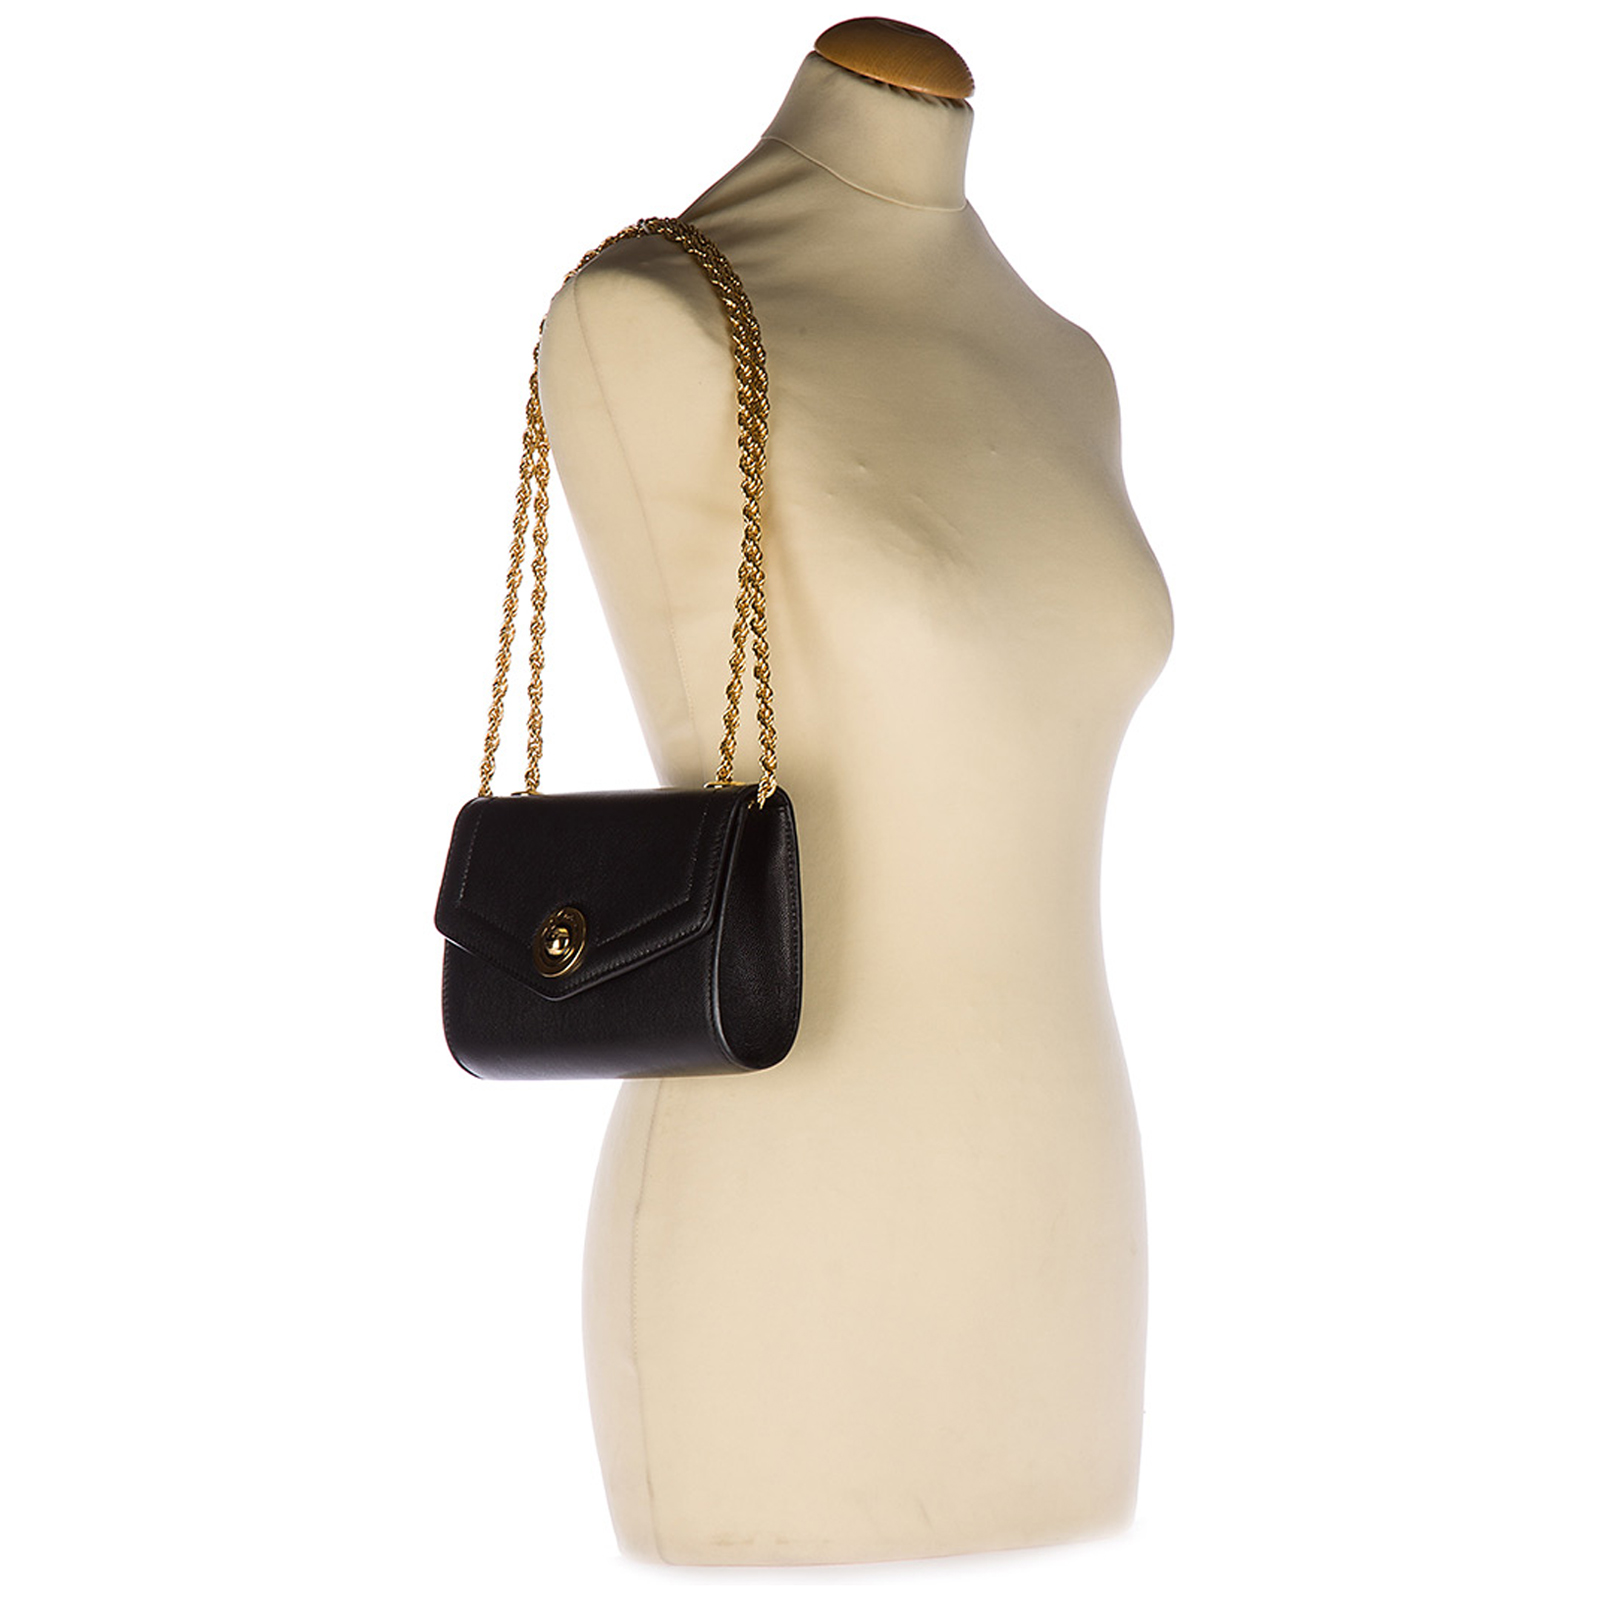 Pochette handtasche damen tasche clutch mit schulterriemen  antibes